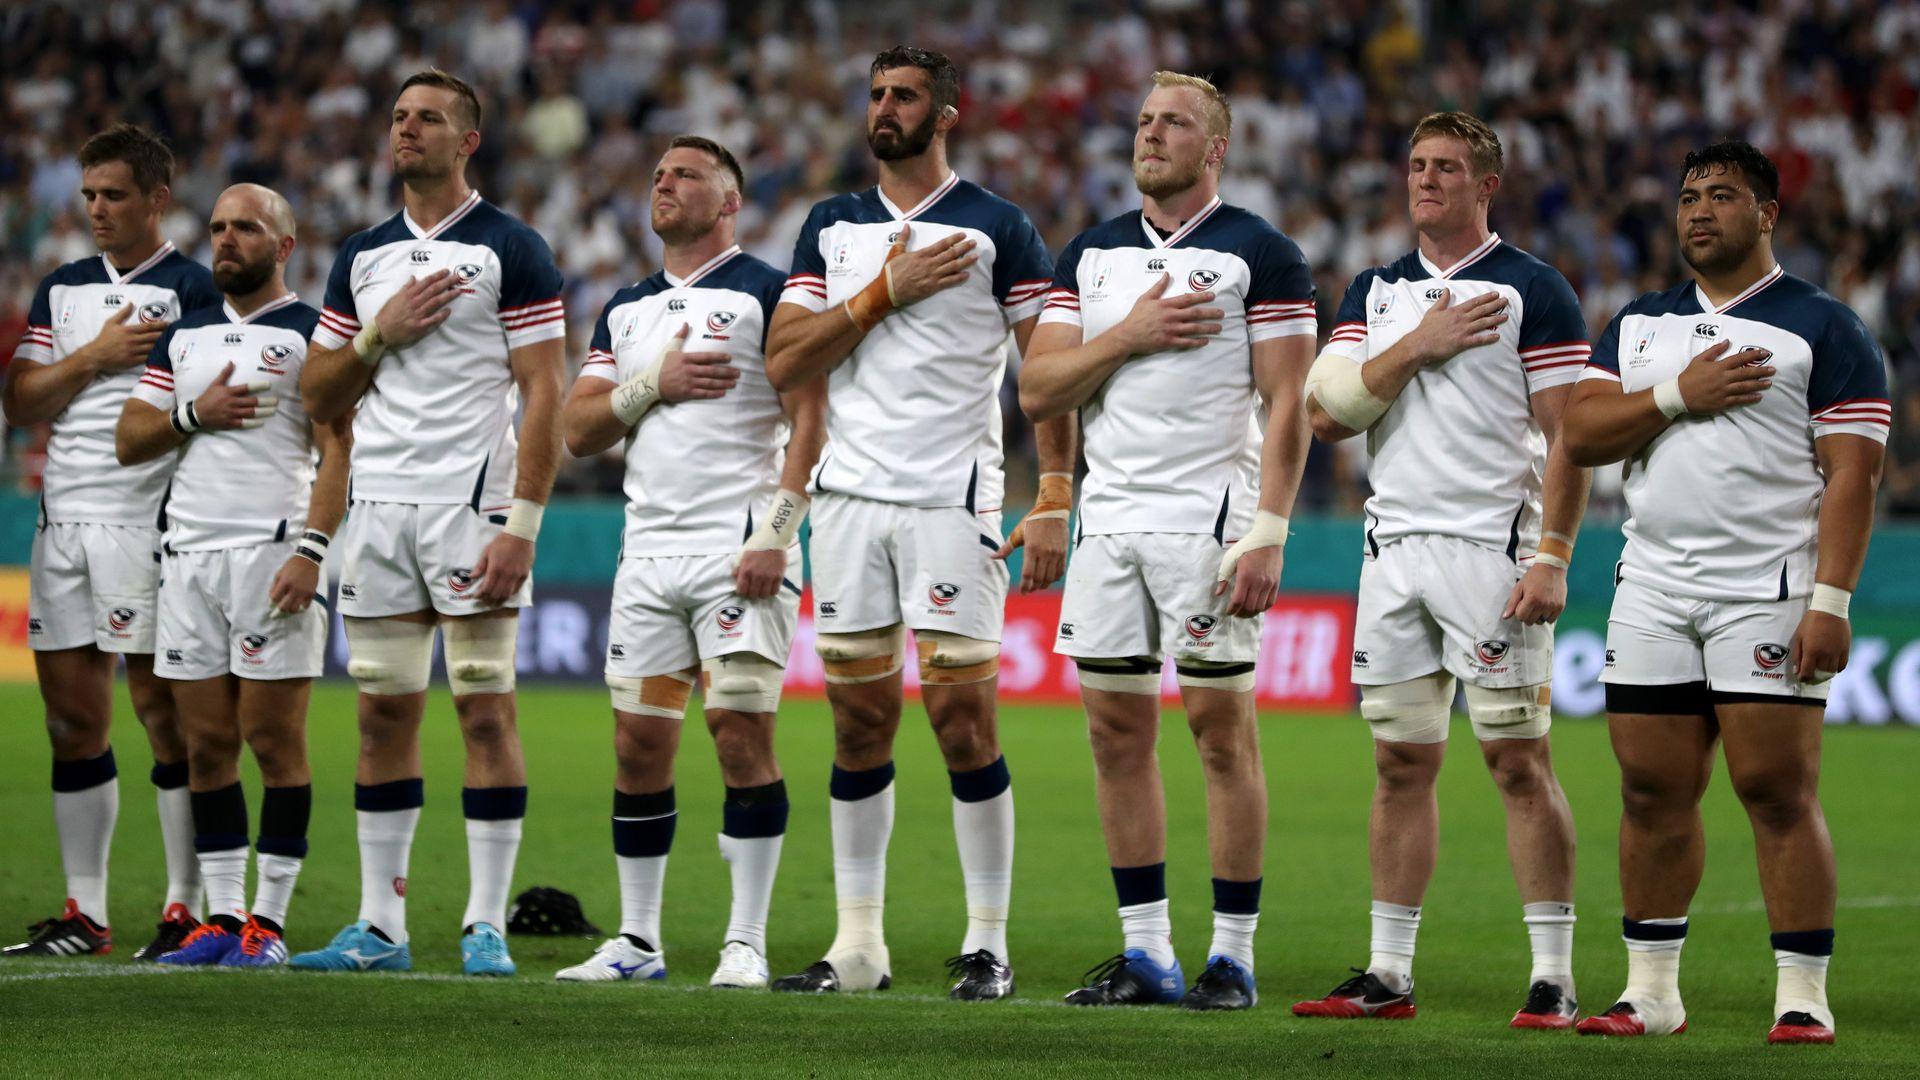 U.S. rugby team